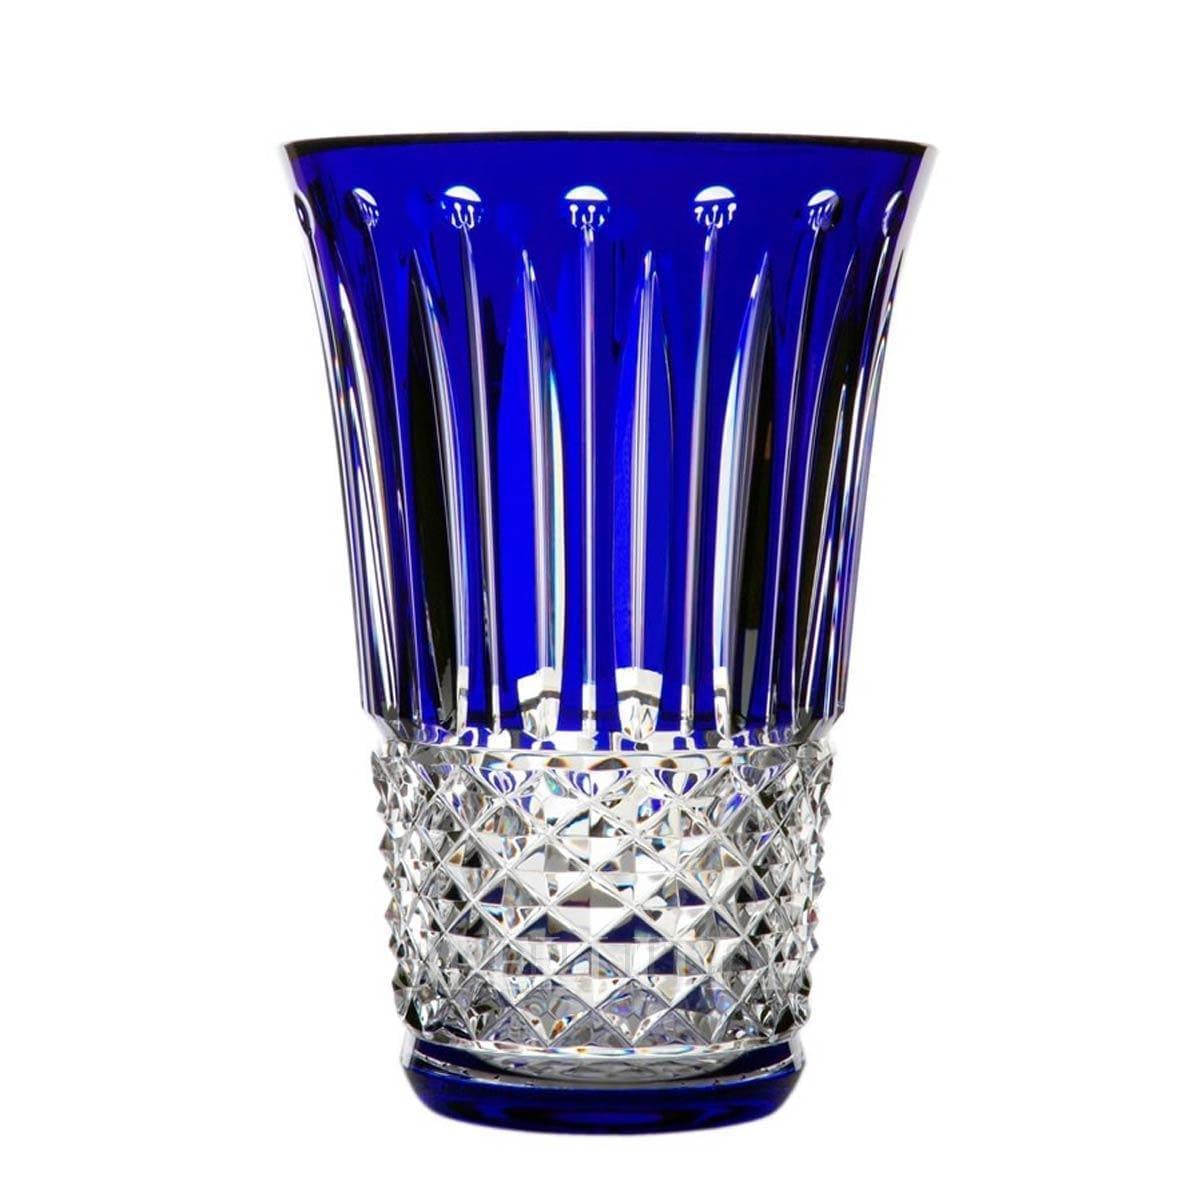 saint louis tommyssimo blue crystal designer vase